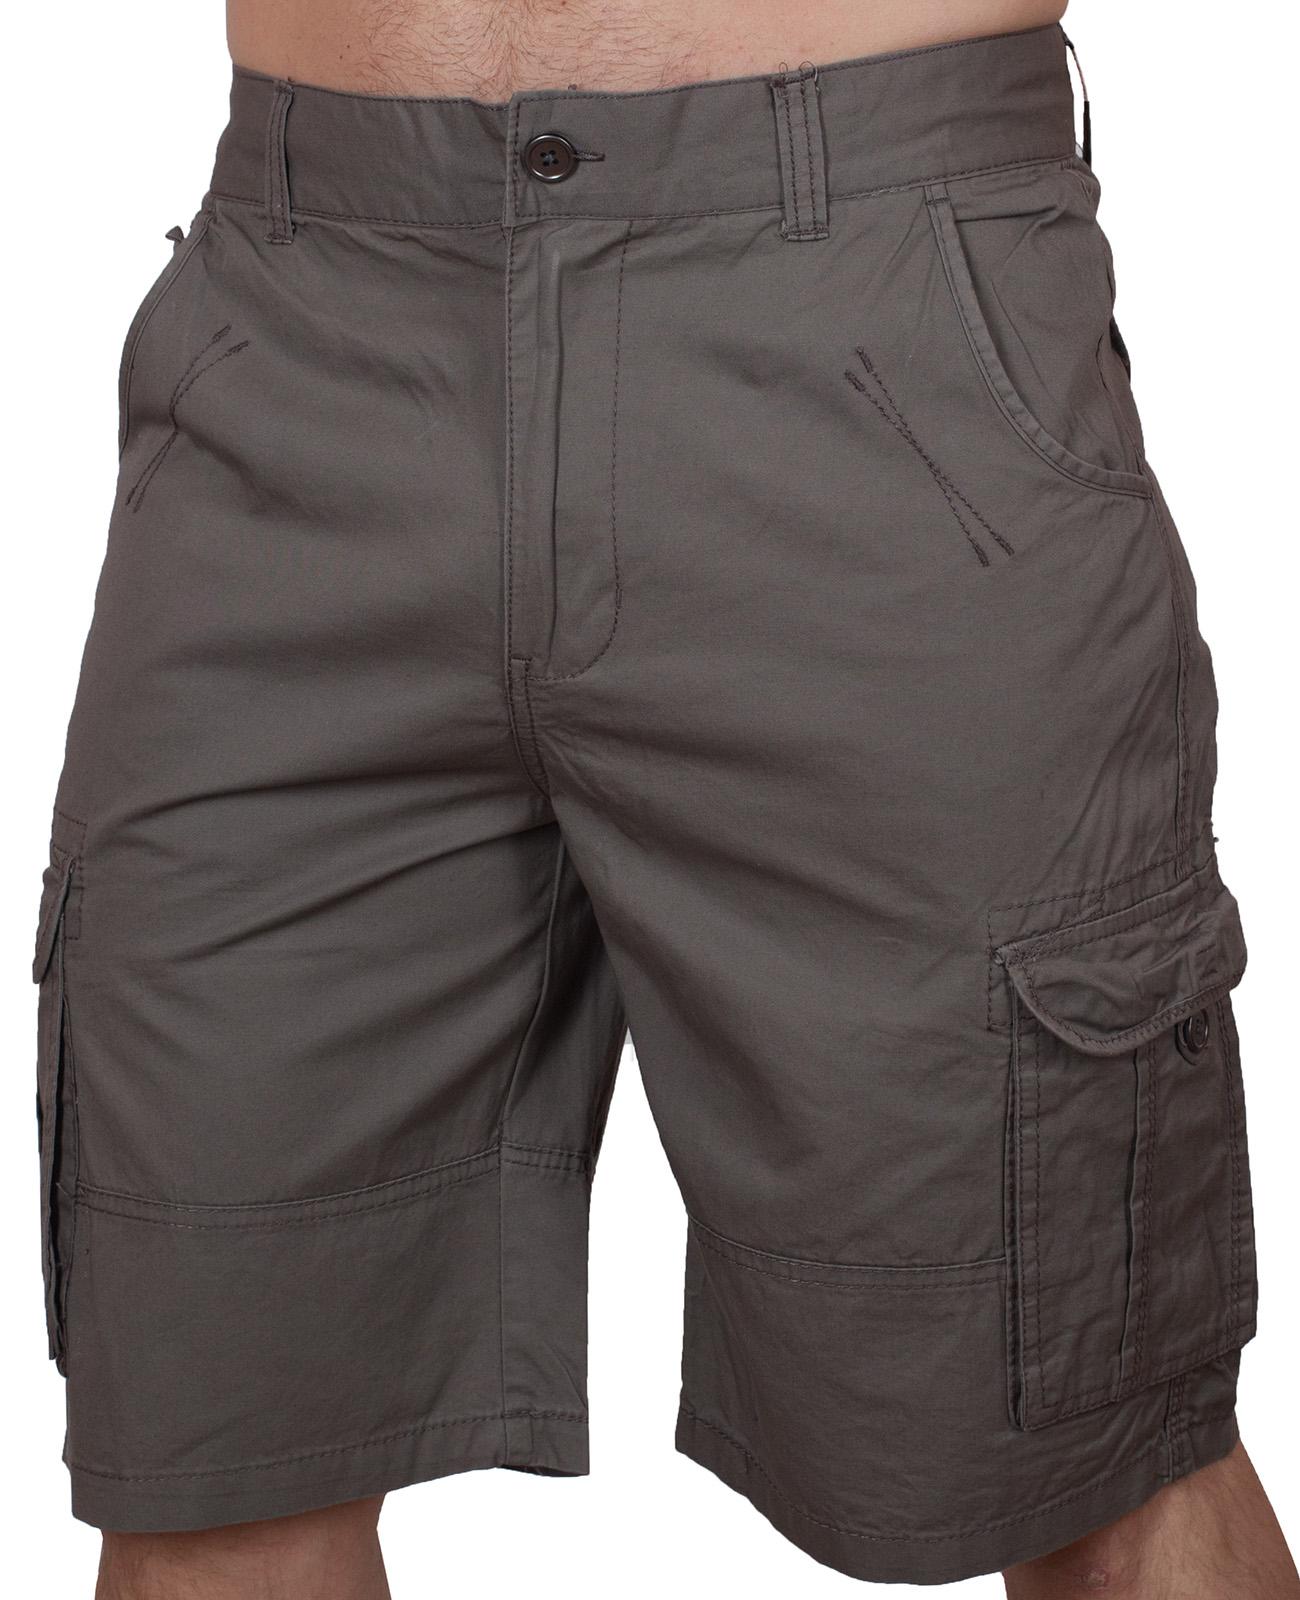 Оригинальные шорты Cargo для стильных мужчин